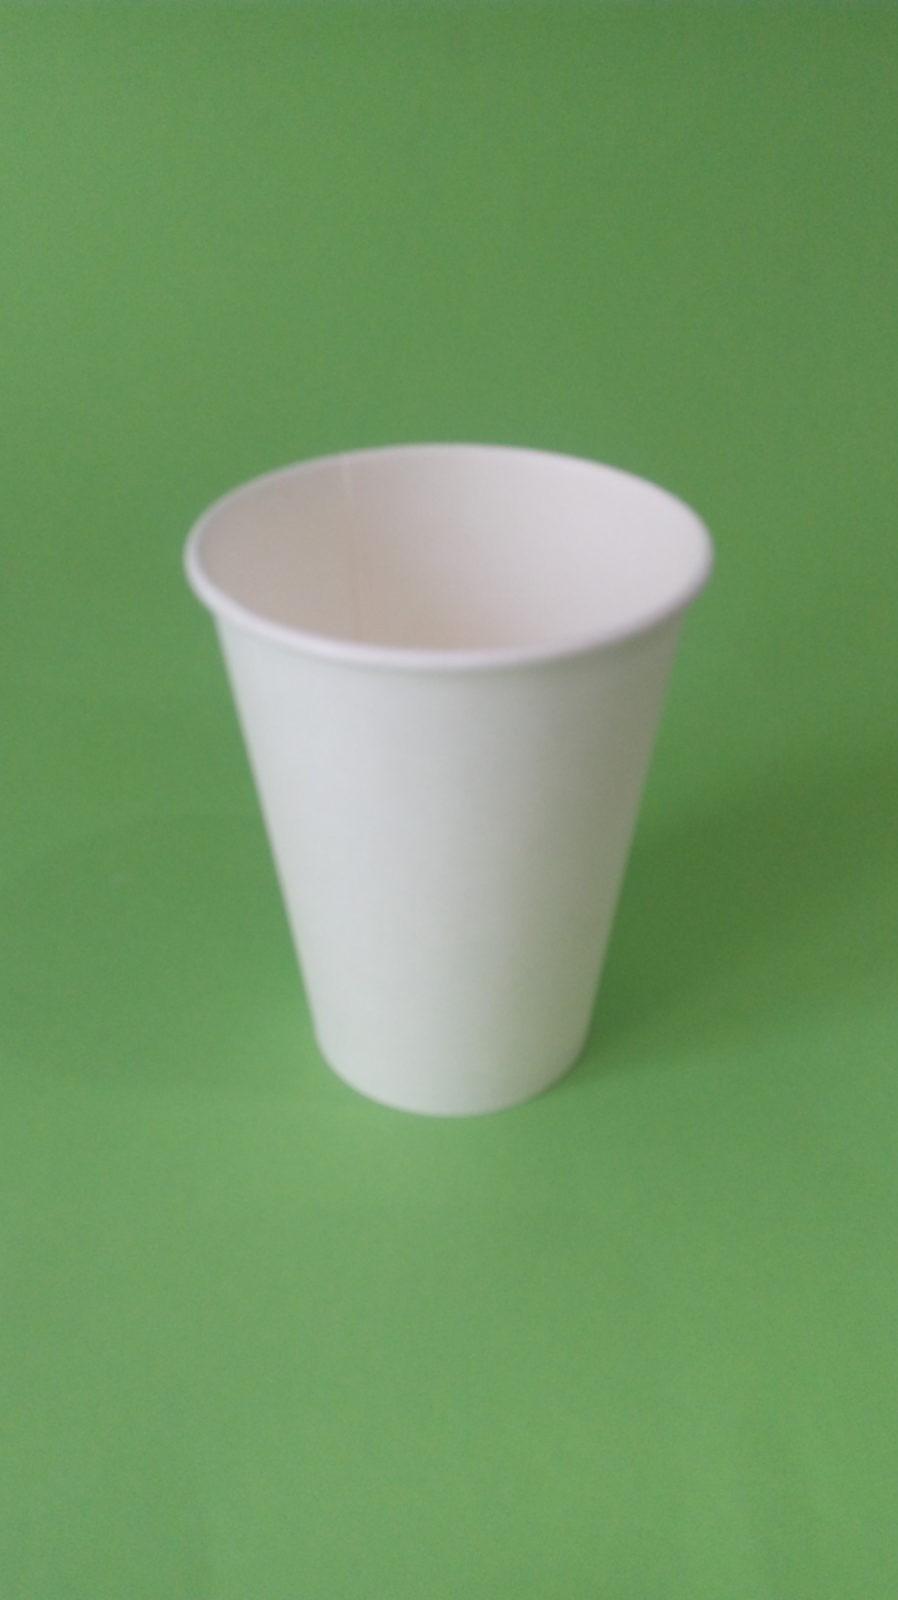 Бумажные стаканчики 250 мл : Бумажный стаканчик 250